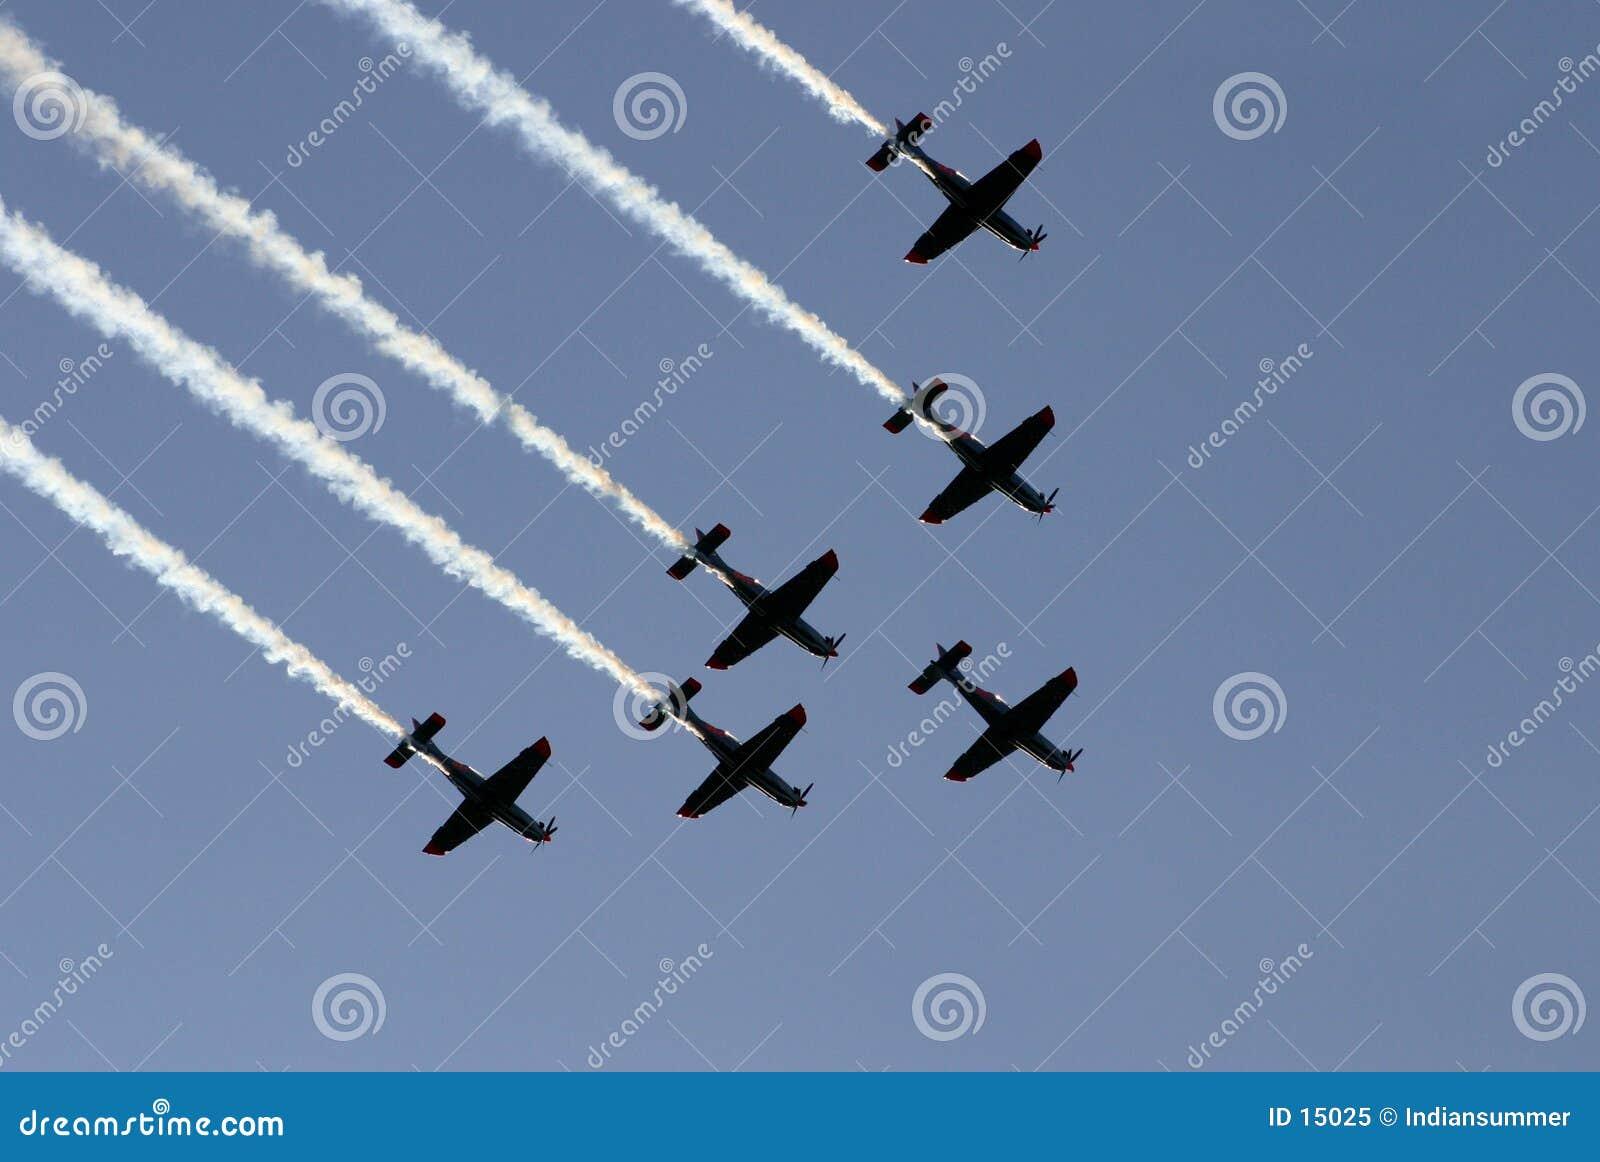 Synchronisierter Teamflug III